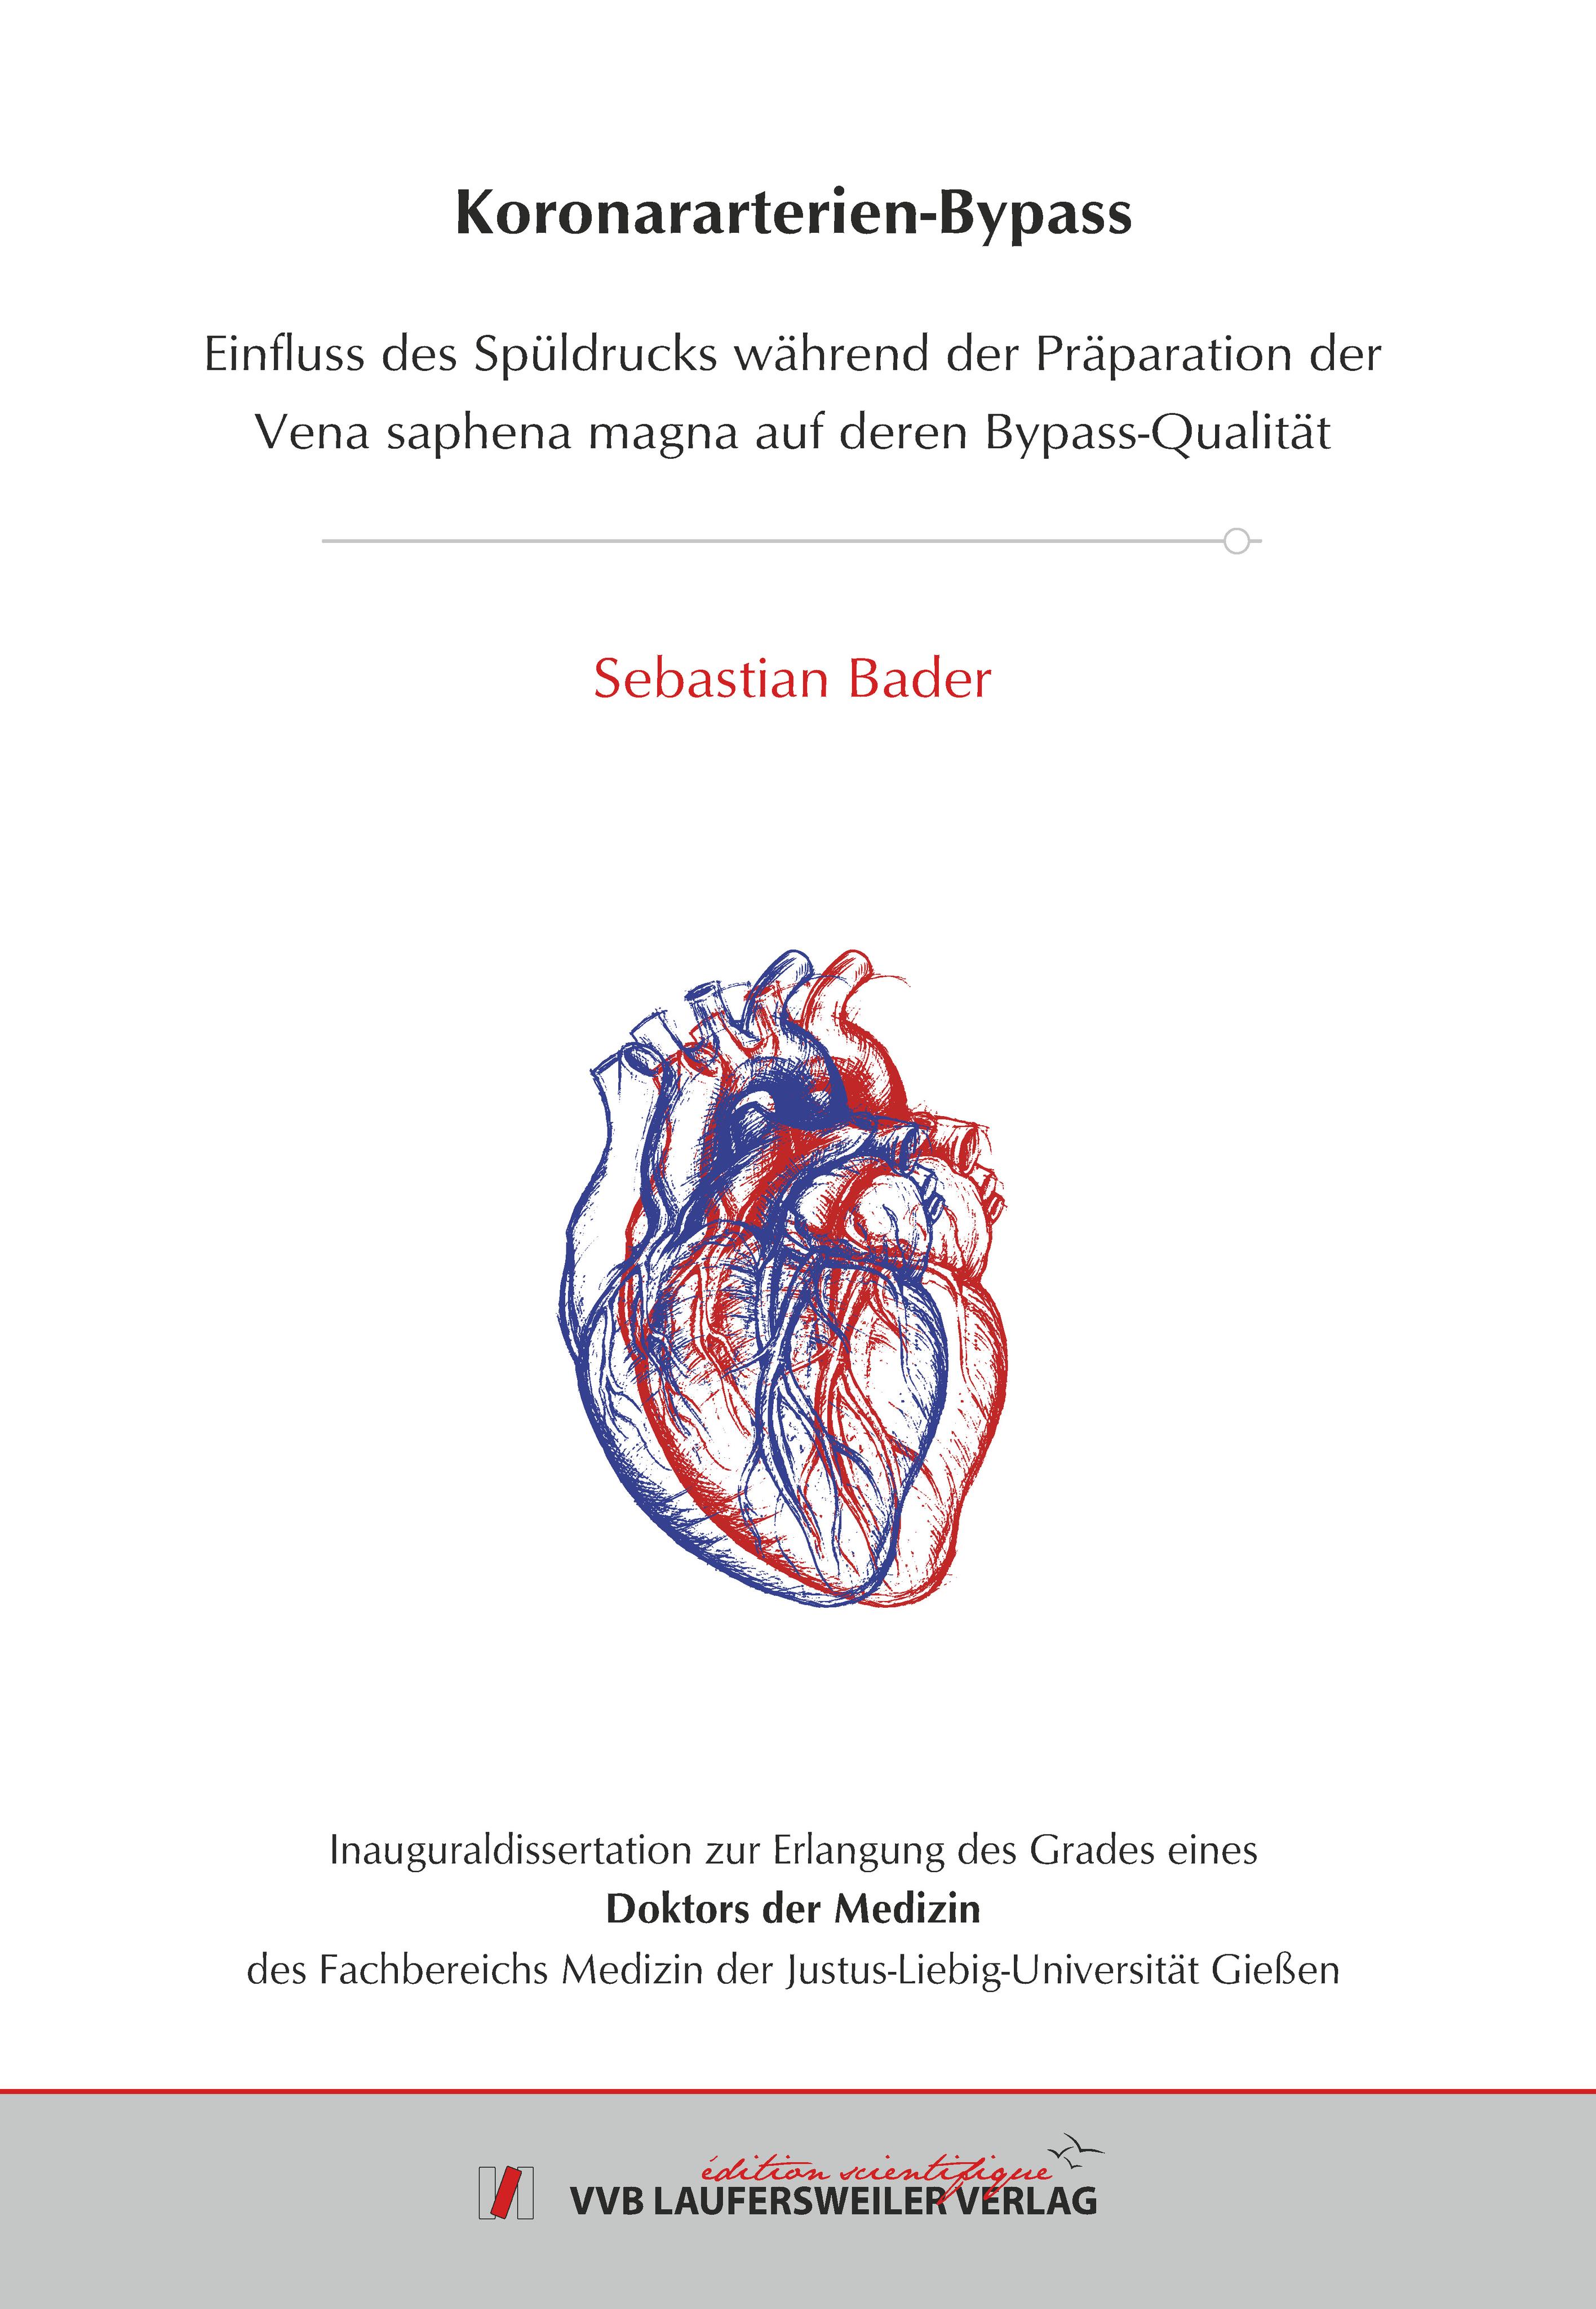 Berühmt Anatomie Und Physiologie Der Koronararterien Ideen ...